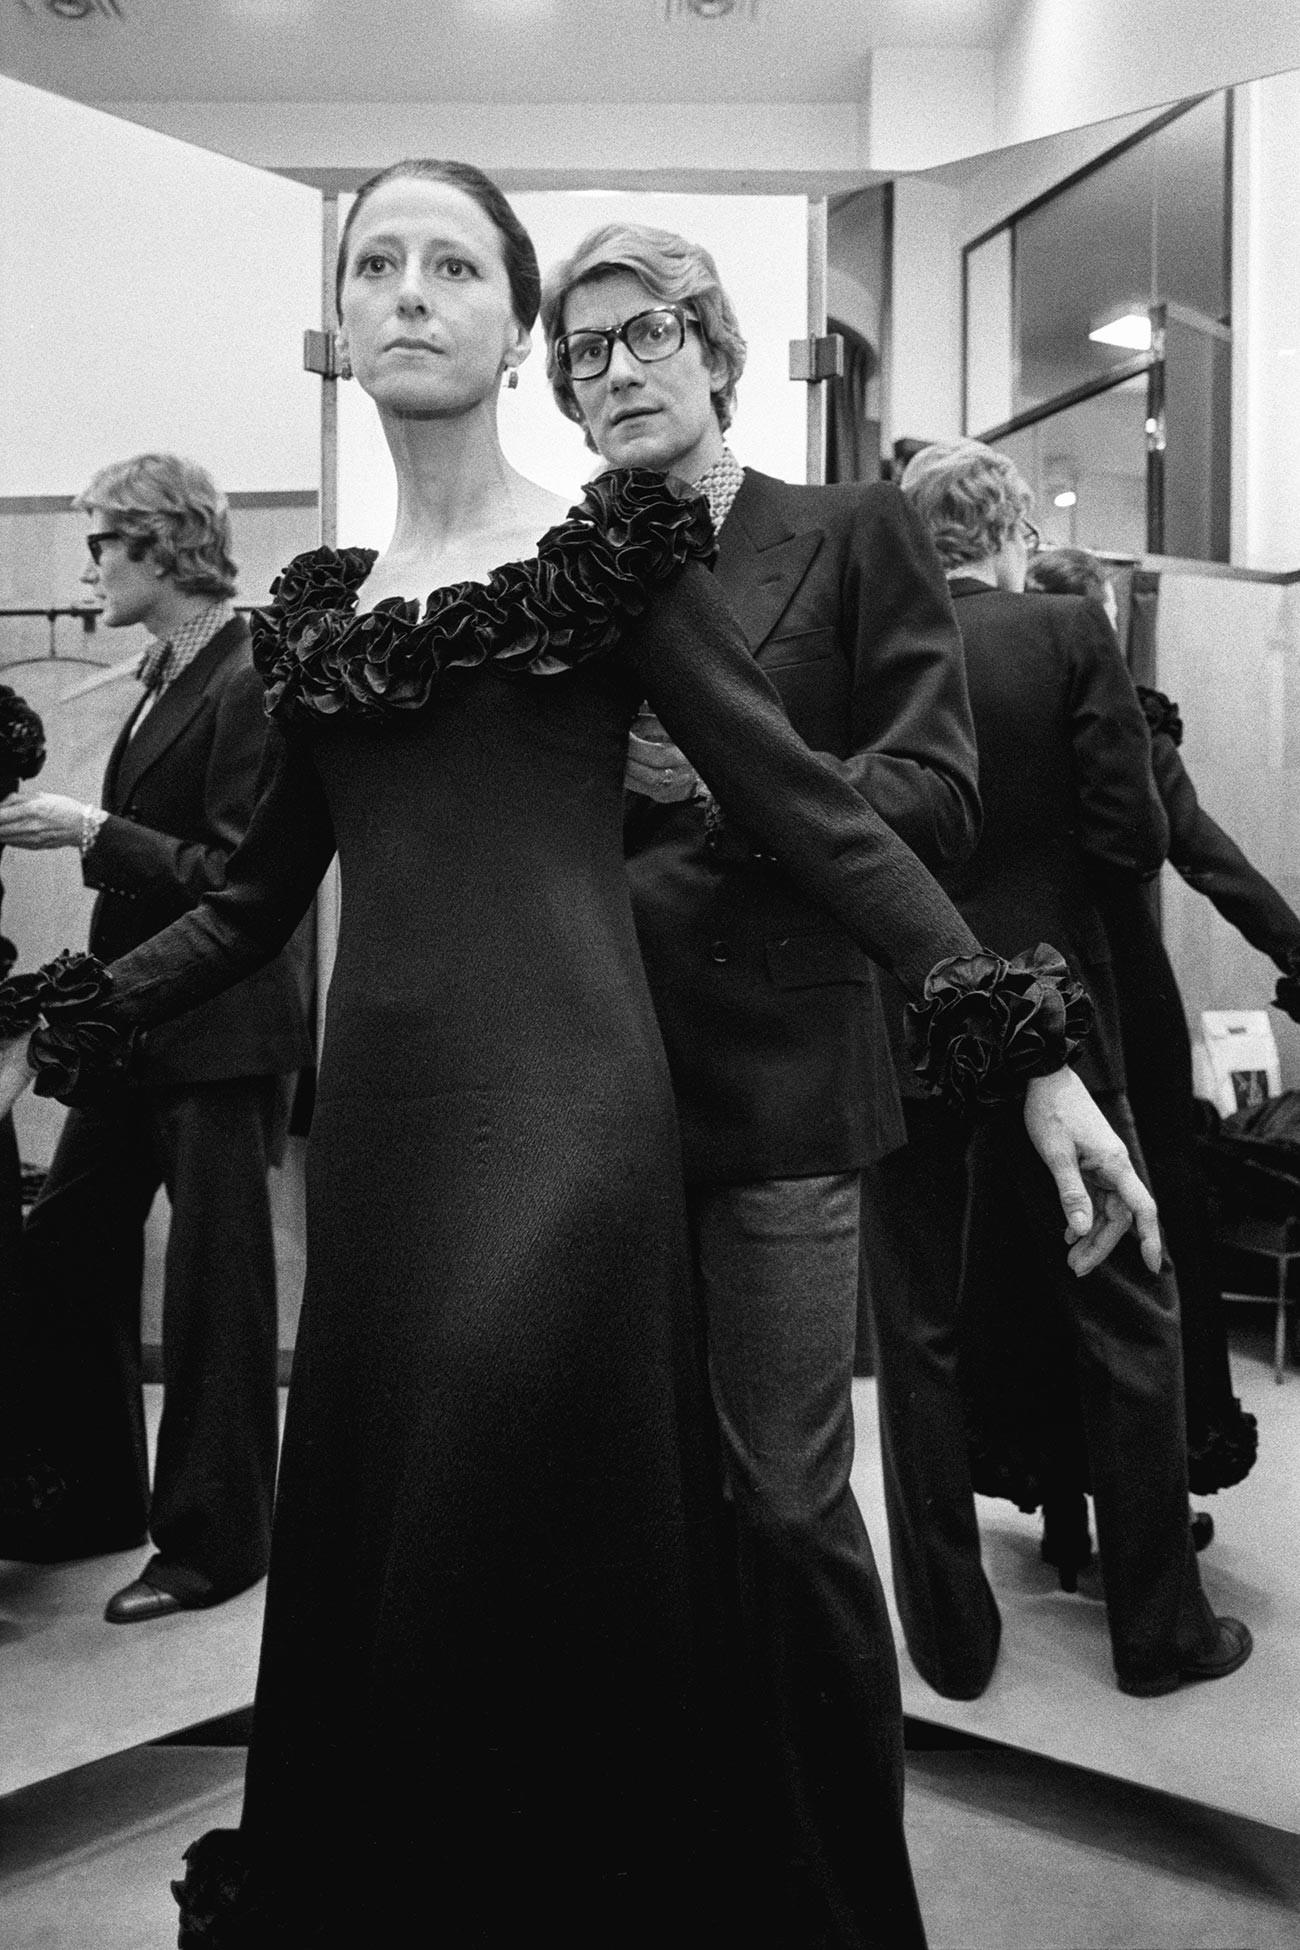 イヴ・サン=ローランとマイヤ・プリセツカヤ、1971年